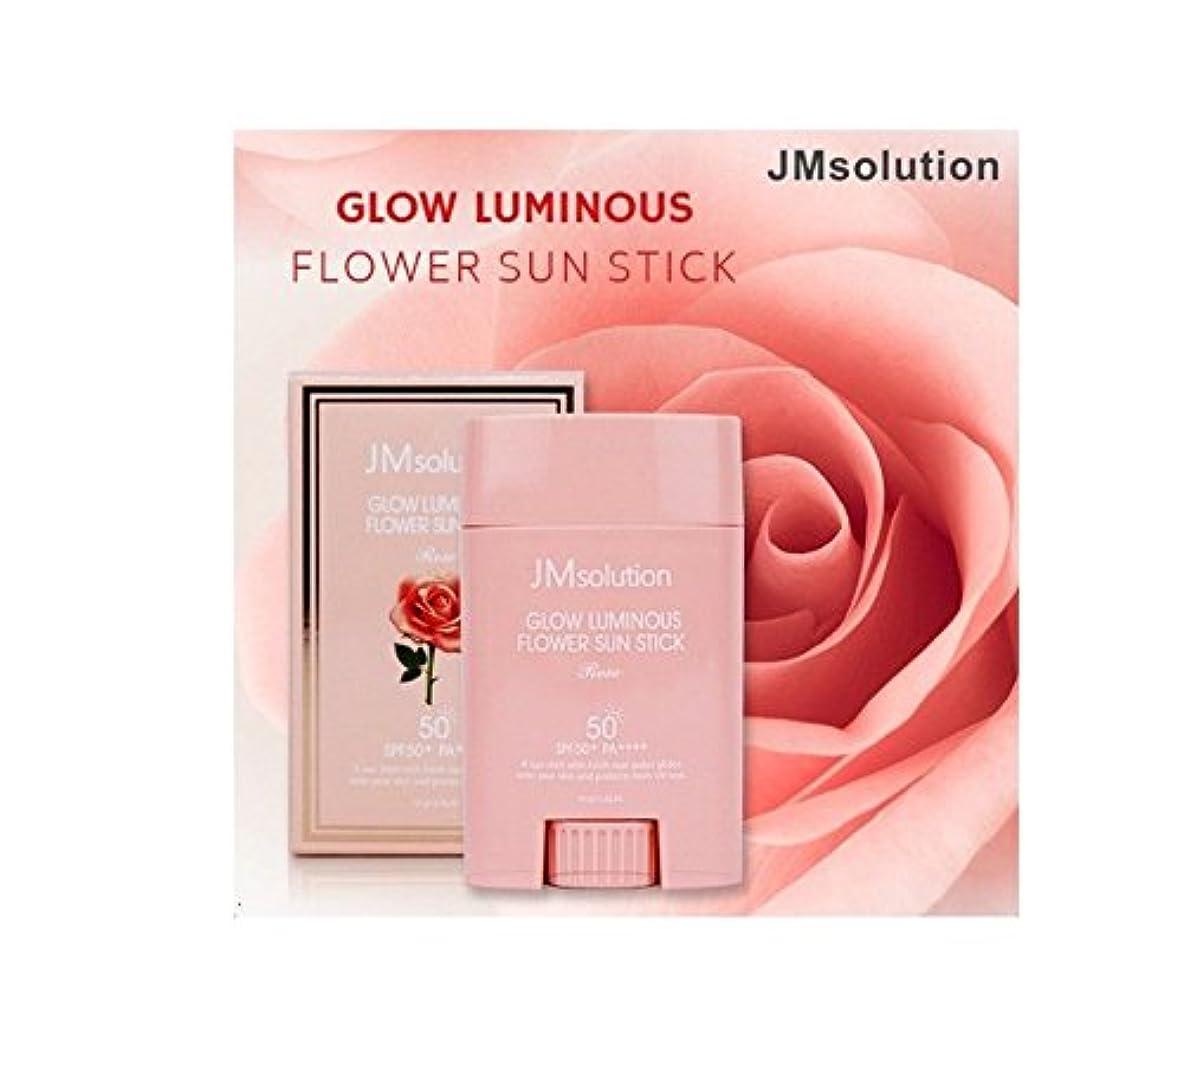 乳製品と遊ぶブレスJM Solution Glow Luminous Flower Sun Stick Rose 21g (spf50 PA) 光る輝く花Sun Stick Rose